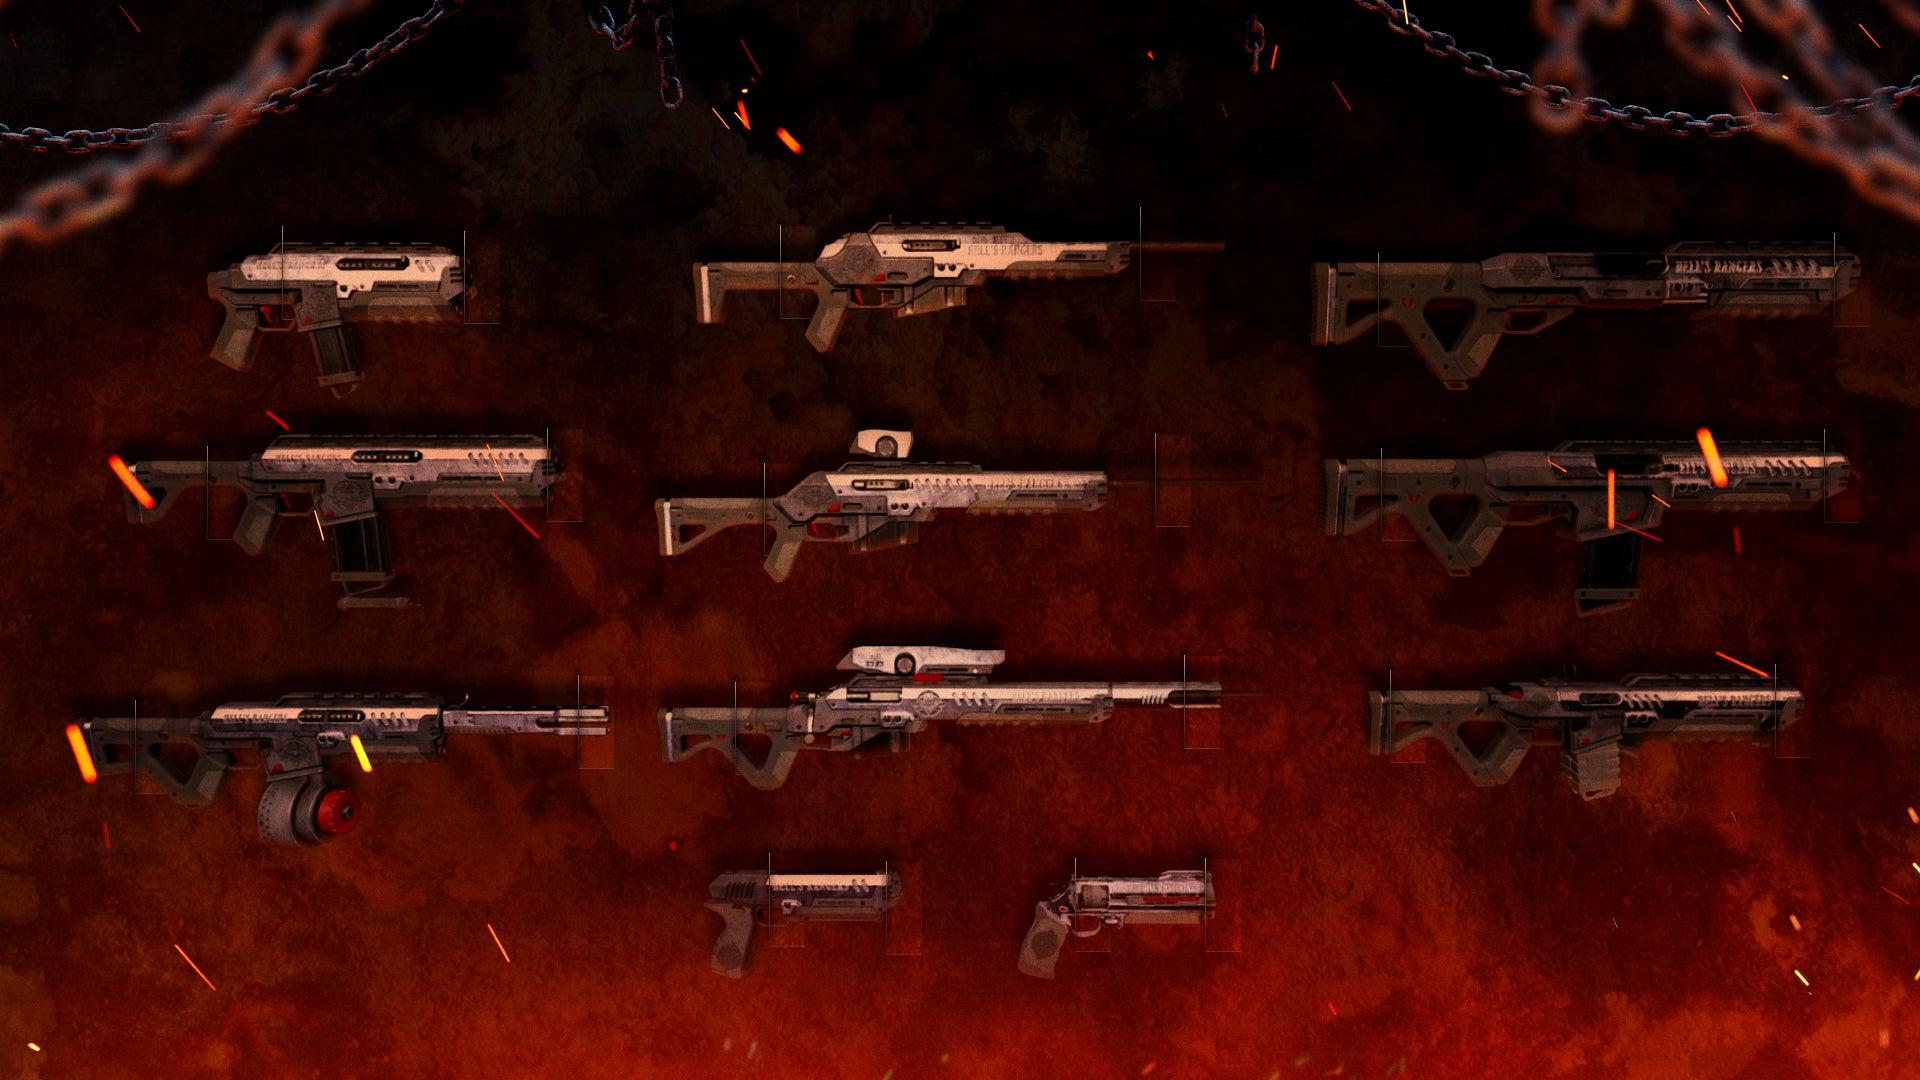 image of guns